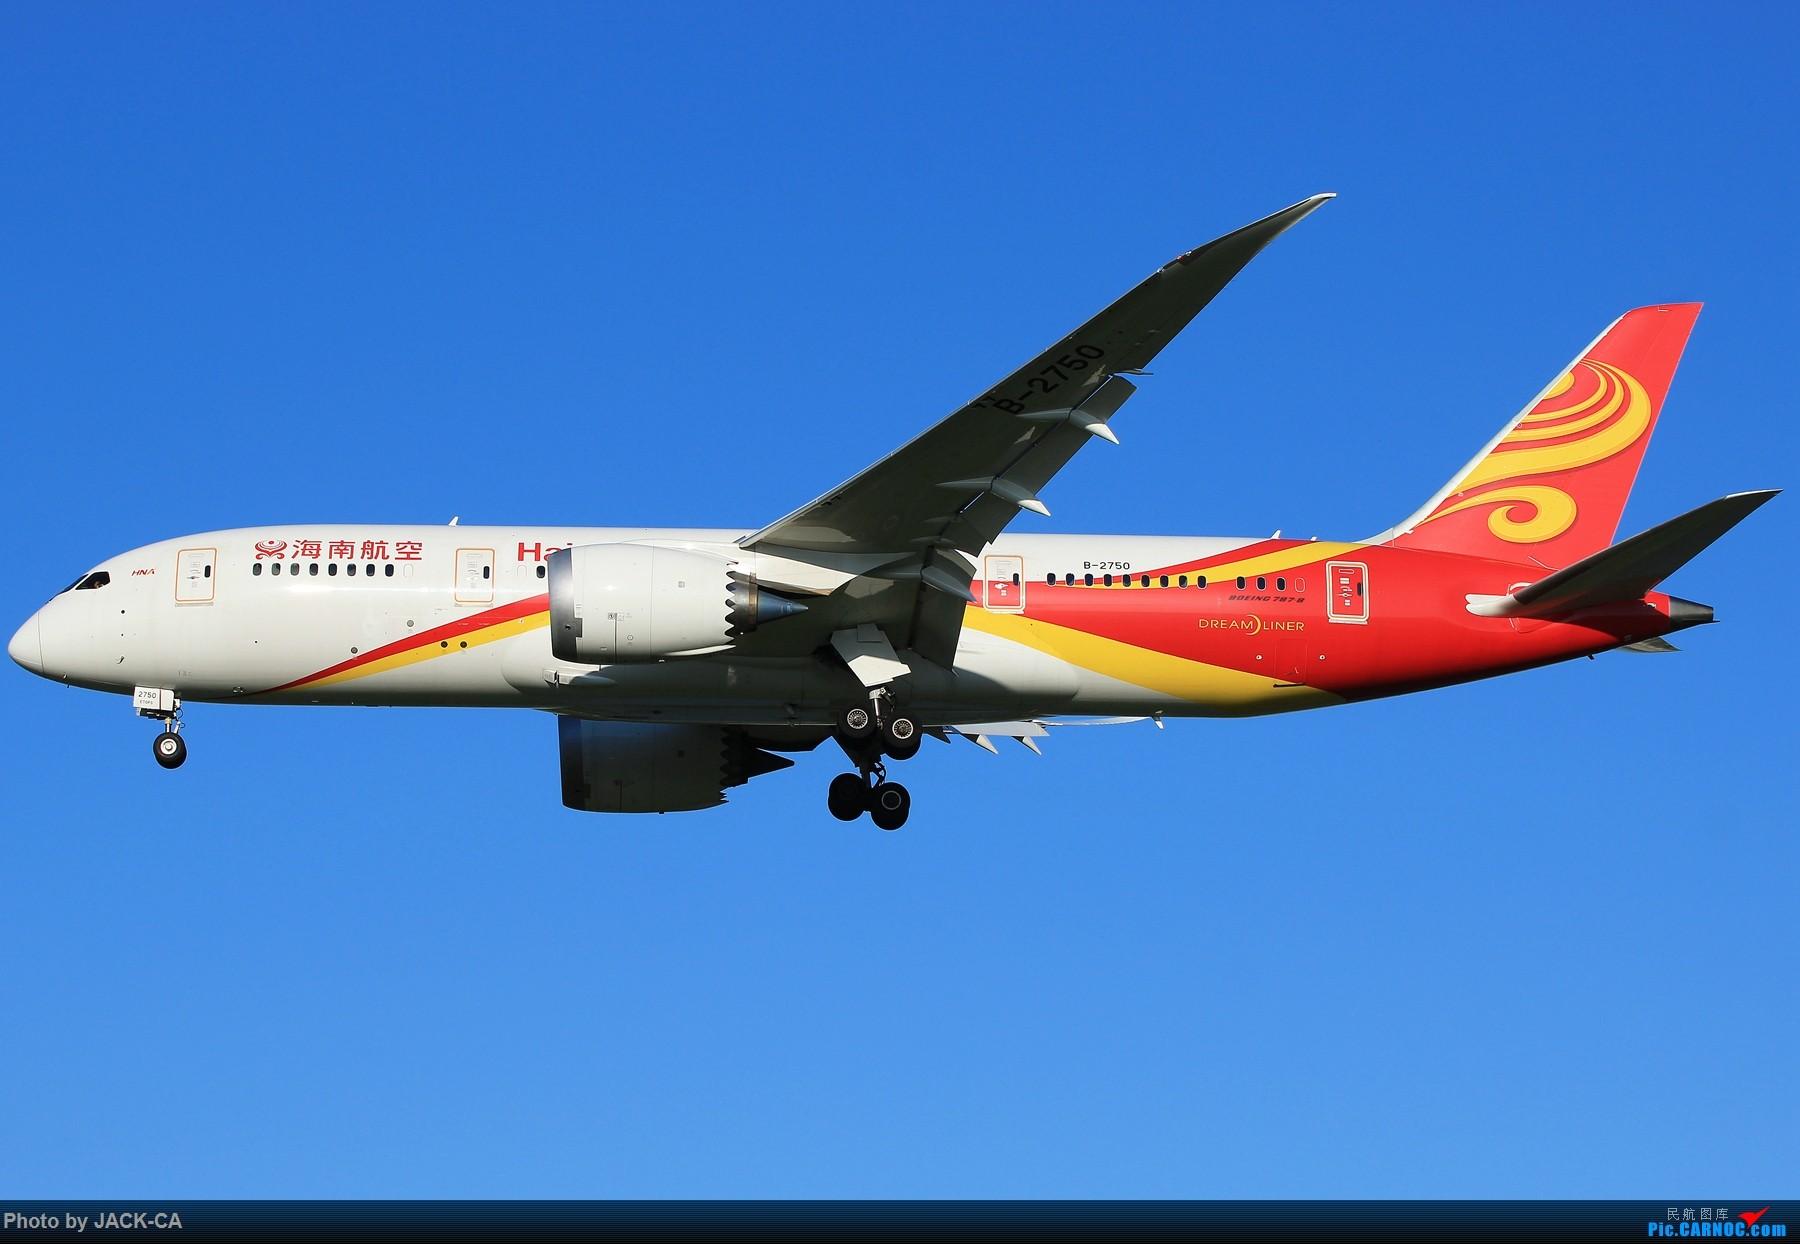 [原创]【组图】盘点在北京通航787的公司都有哪些 1800*1200 BOEING 787-8 B-2750 中国北京首都国际机场